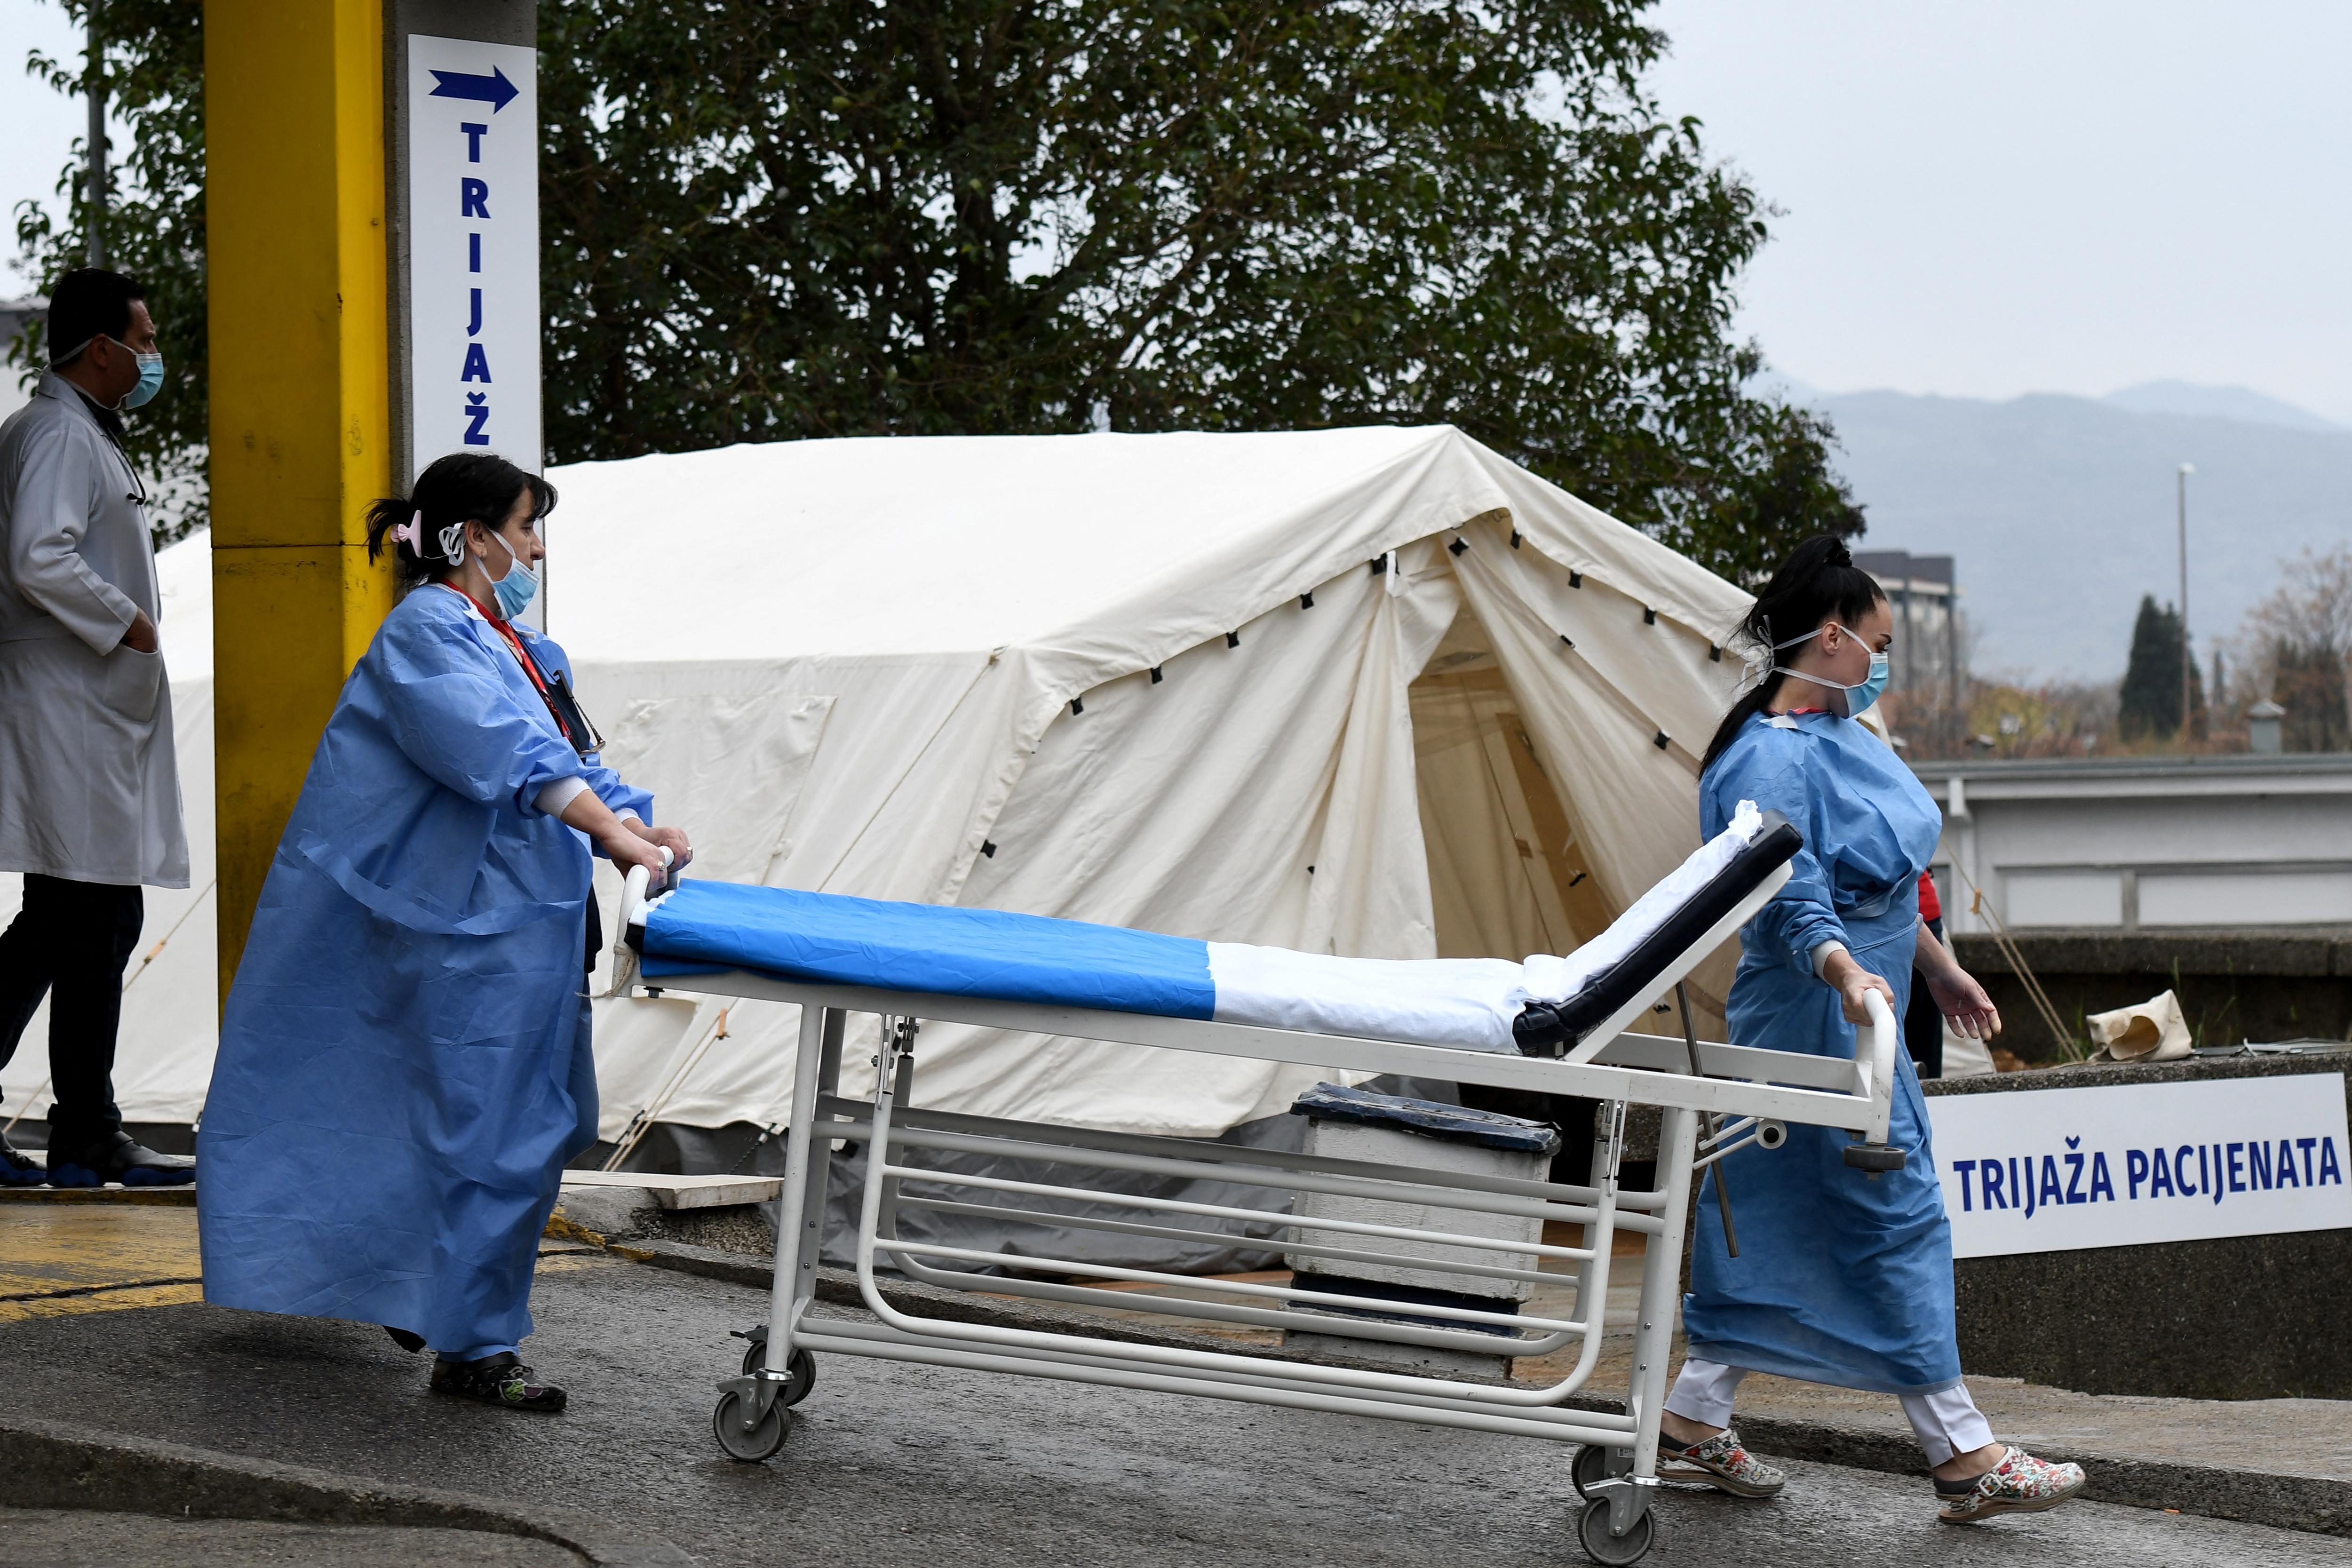 Montenegró ingyenes koronavírus-kezelést ígér a turistáknak, ha ott kapják el a vírust